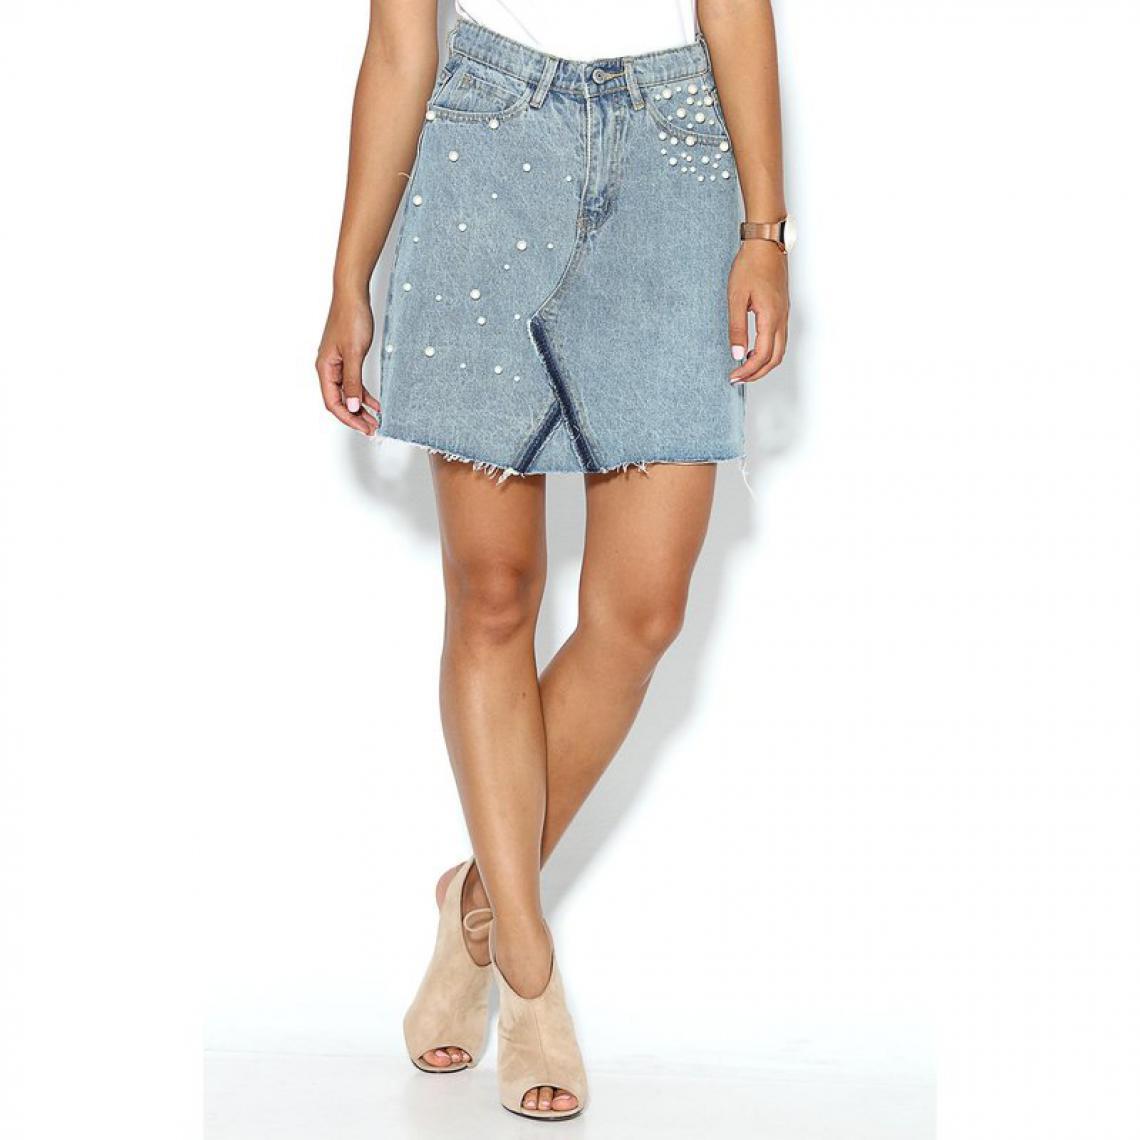 en Bleu3 Jupe jean femme 5 avec courte poches perles SUISSES sQxhtdrCBo